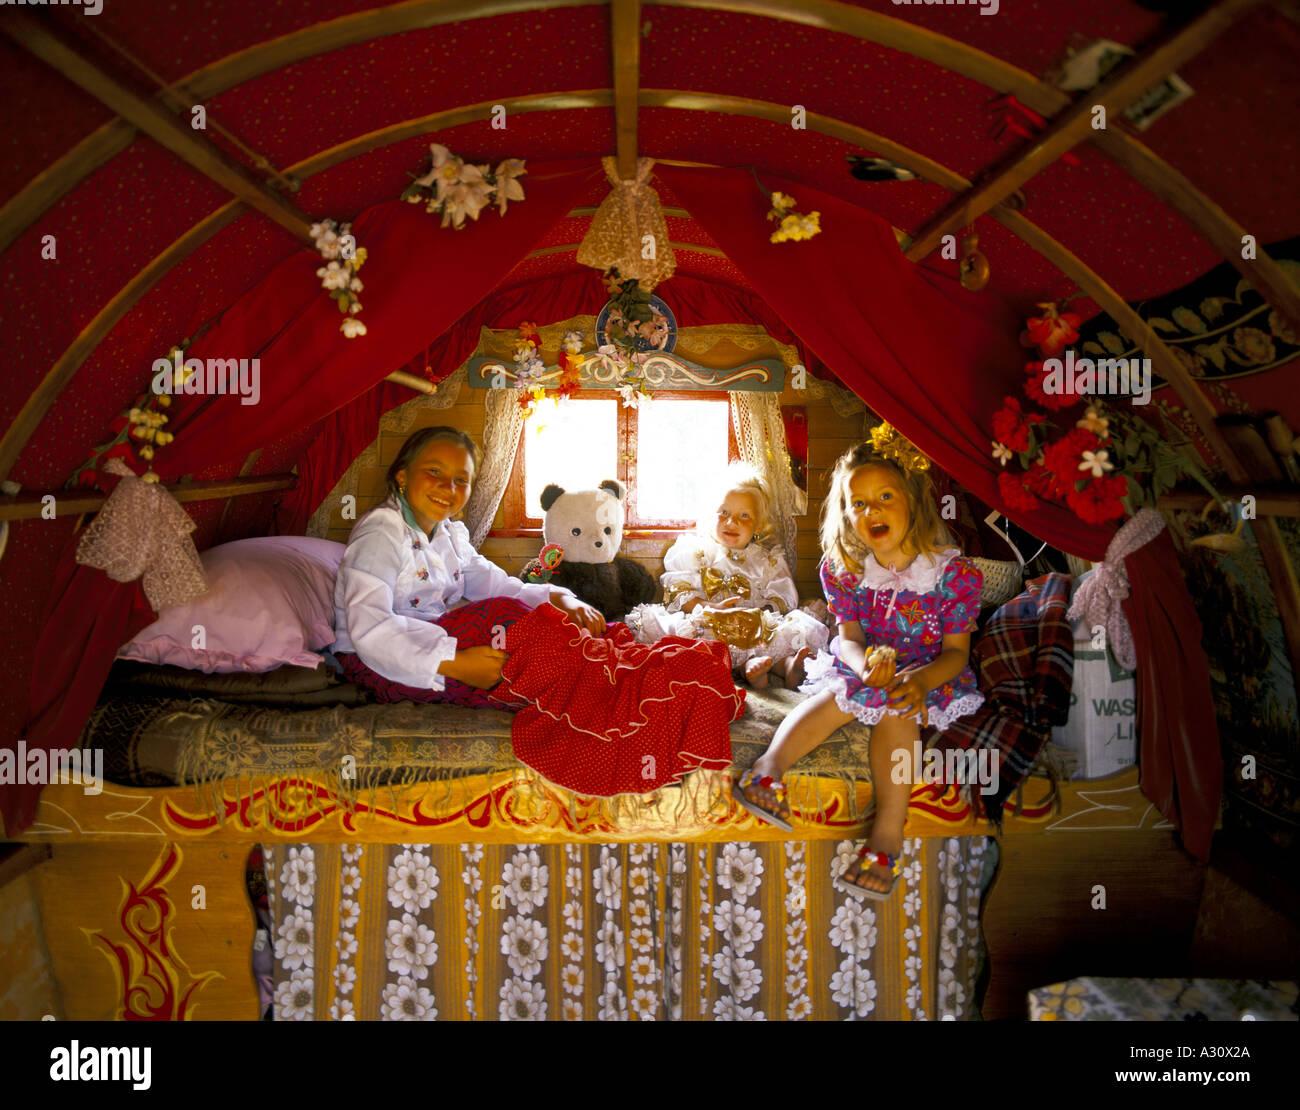 Gypsy datant traditions site de rencontre gratuit pour les célibataires canadiens